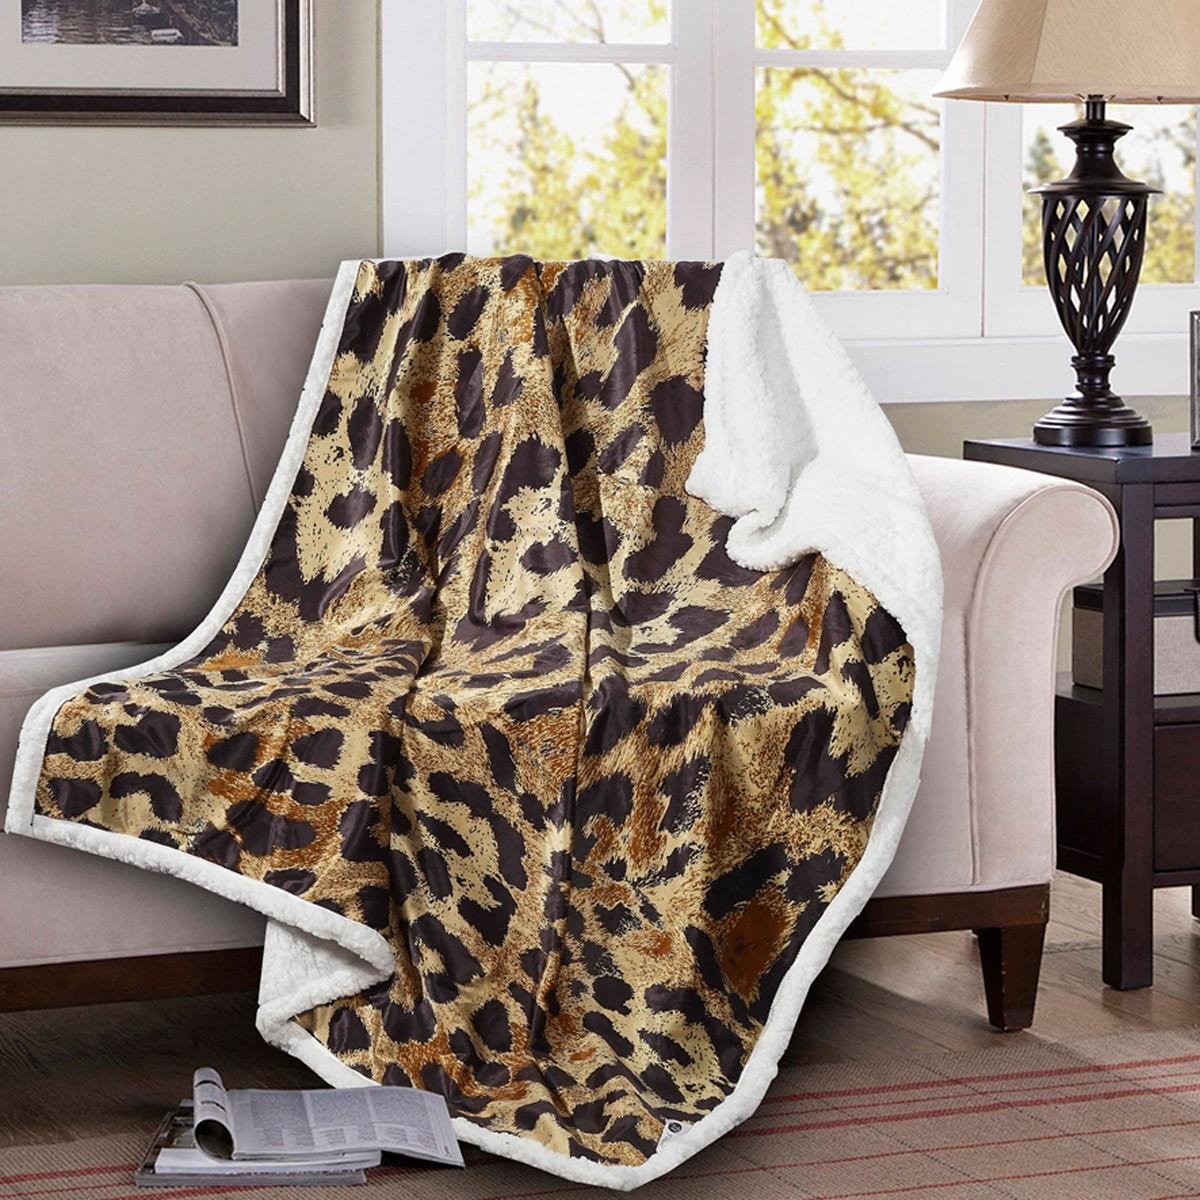 Κουβέρτα Καναπέ Fennel Animal Print BMS390-P002 85447